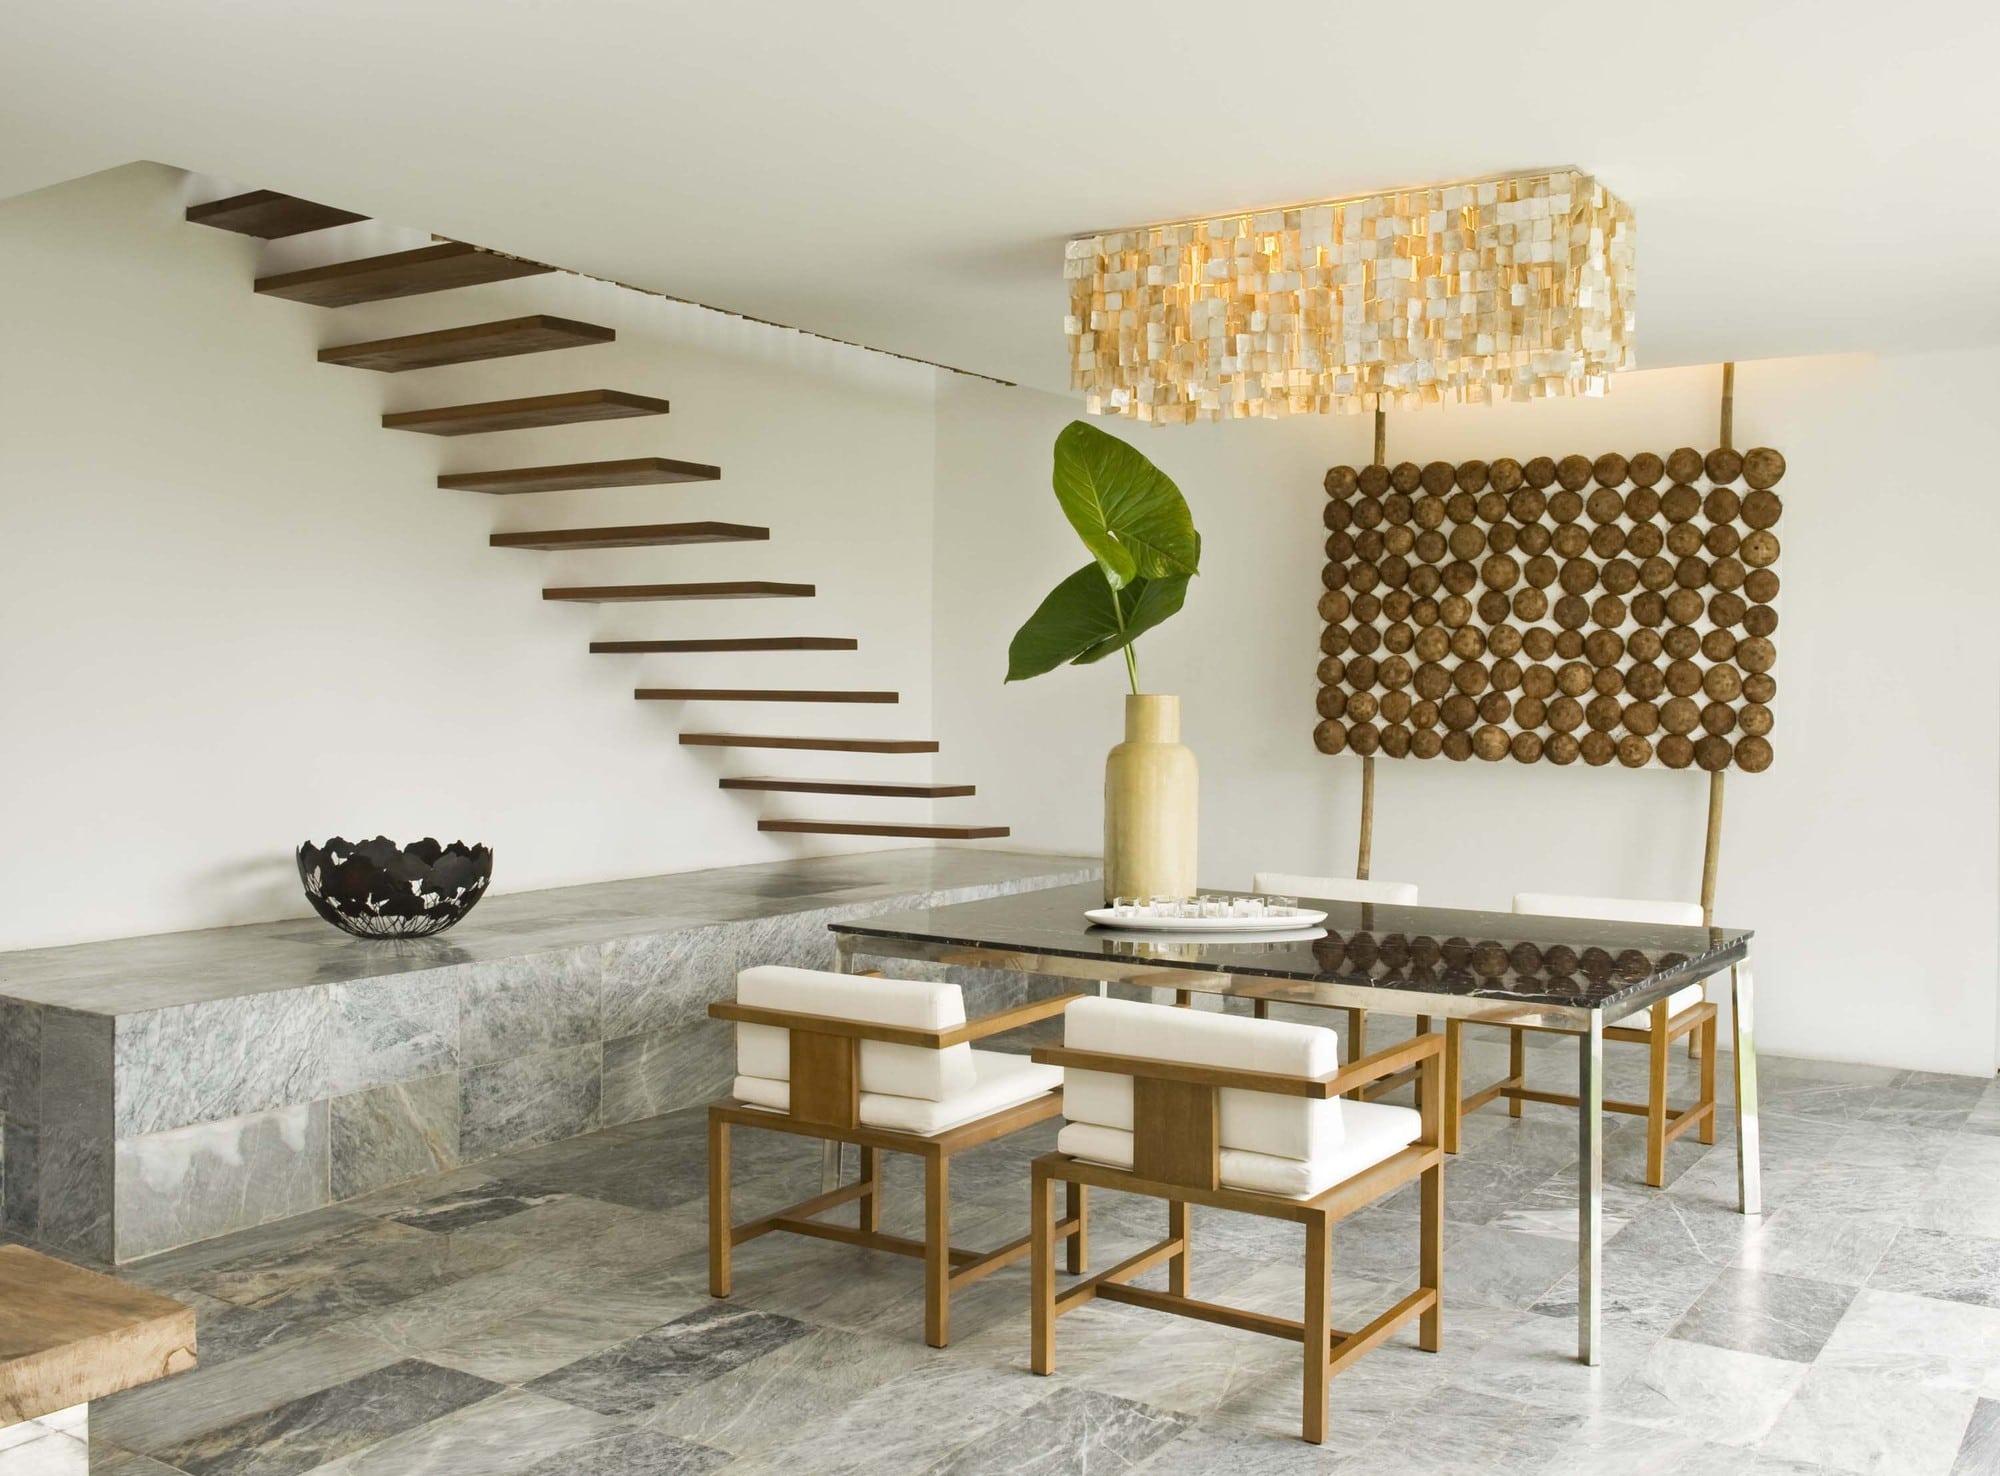 Dise o de casa r stica fachada interiores y planos - Construir y decorar casas ...